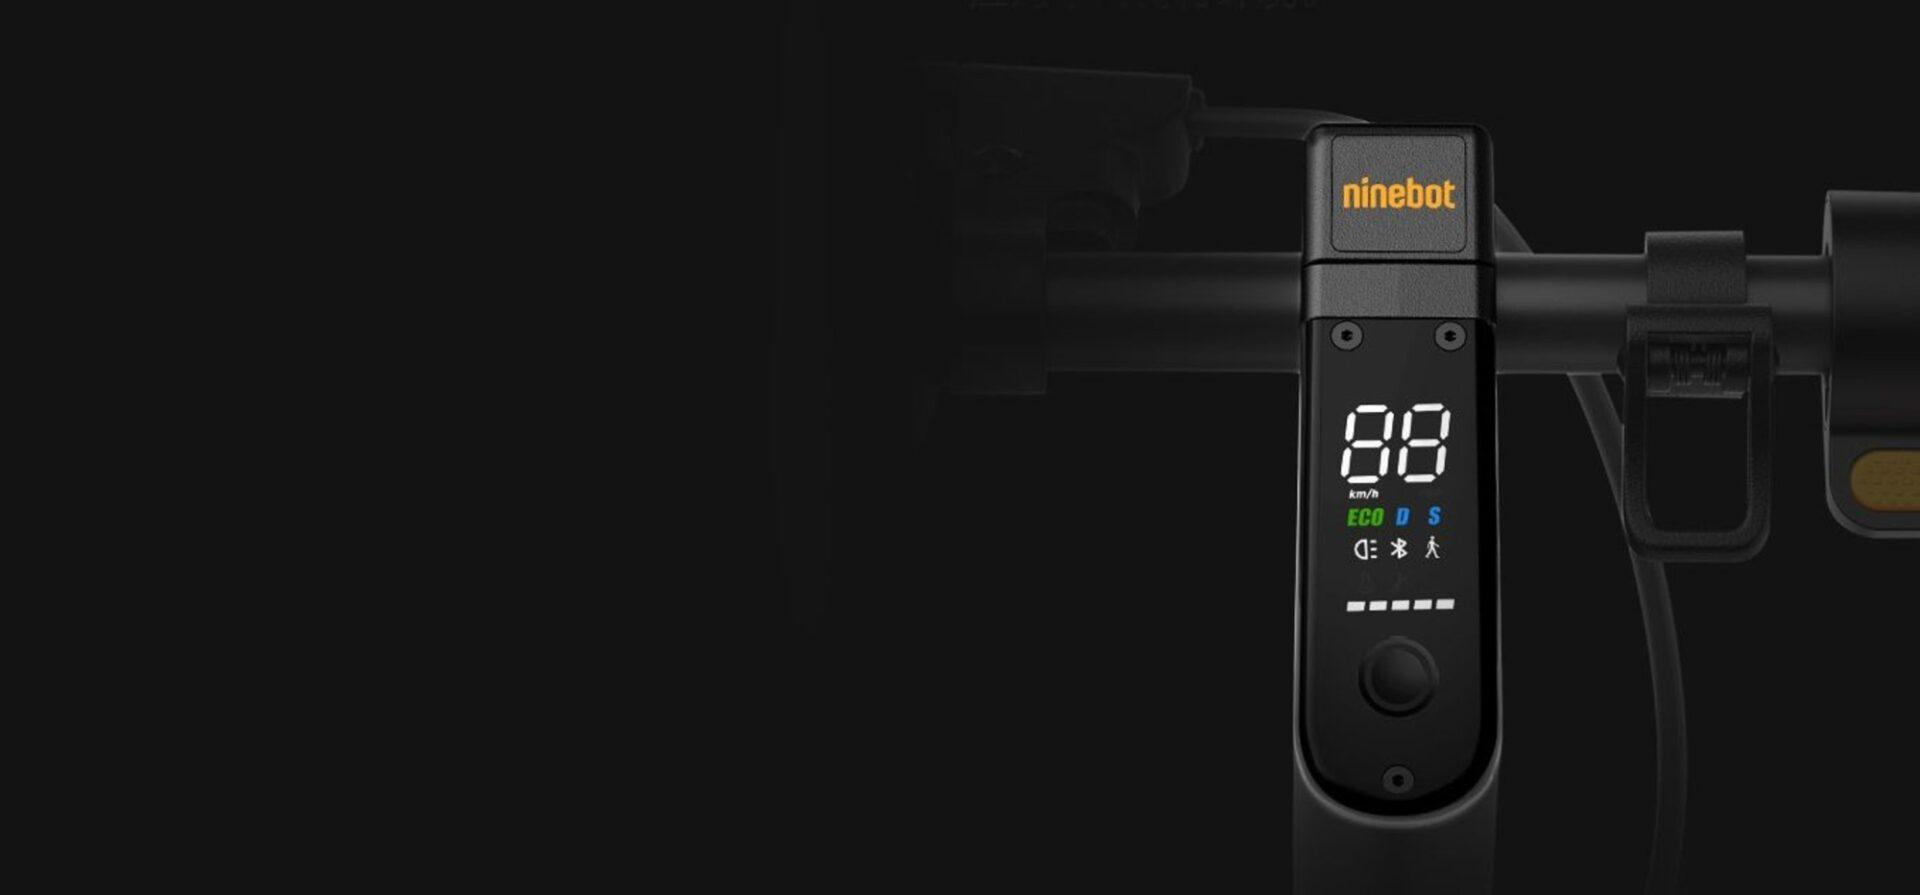 Kies jouw rijmodus op het digitale LED-dashboard